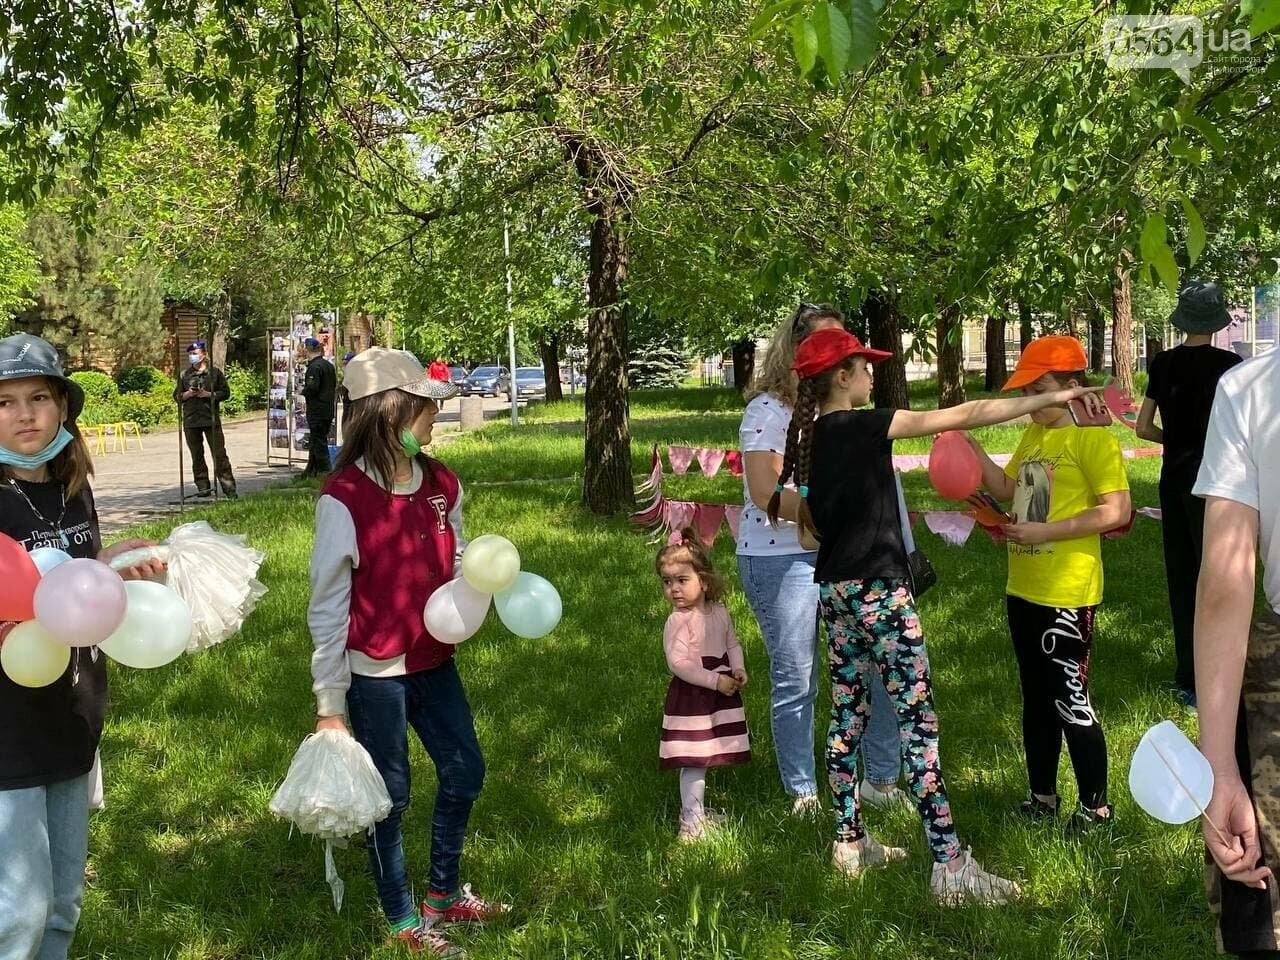 В Кривом Роге для детей провели спартакиаду, - ФОТО, ВИДЕО  , фото-14